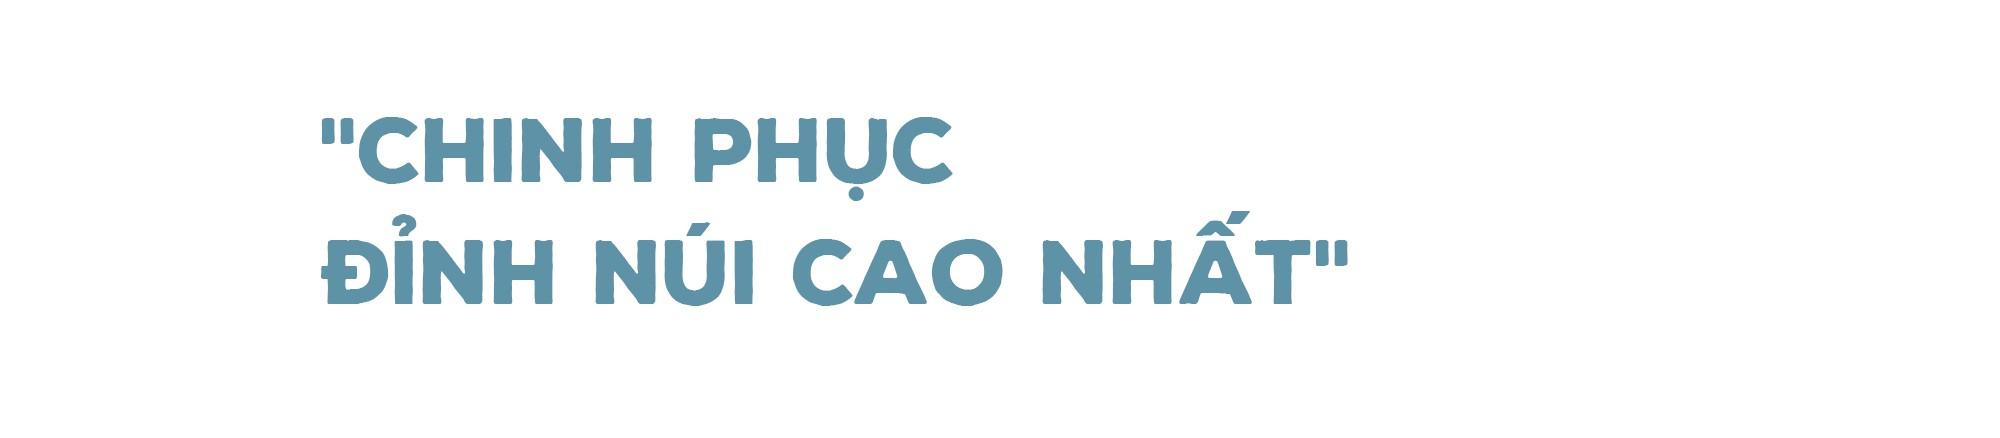 Mổ nội soi - hành trình Việt Nam vươn lên hàng đầu khu vực - Ảnh 5.